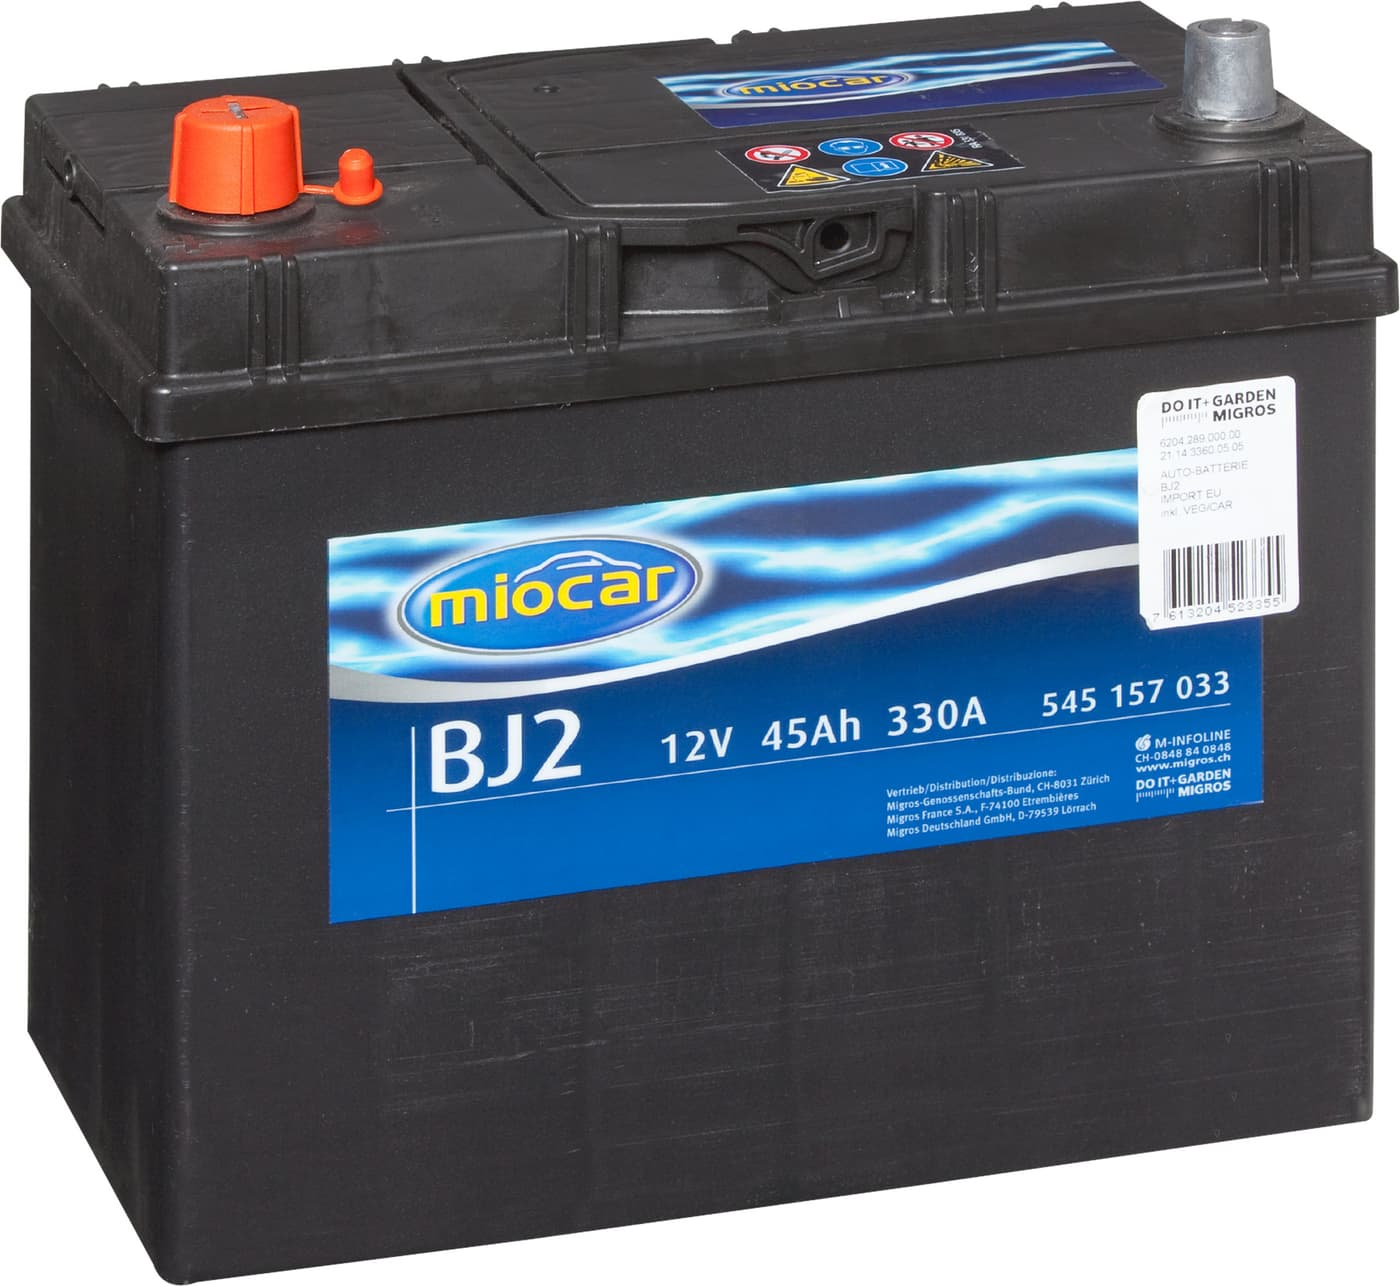 miocar autobatterie bj2 12v 45ah 330a migros. Black Bedroom Furniture Sets. Home Design Ideas